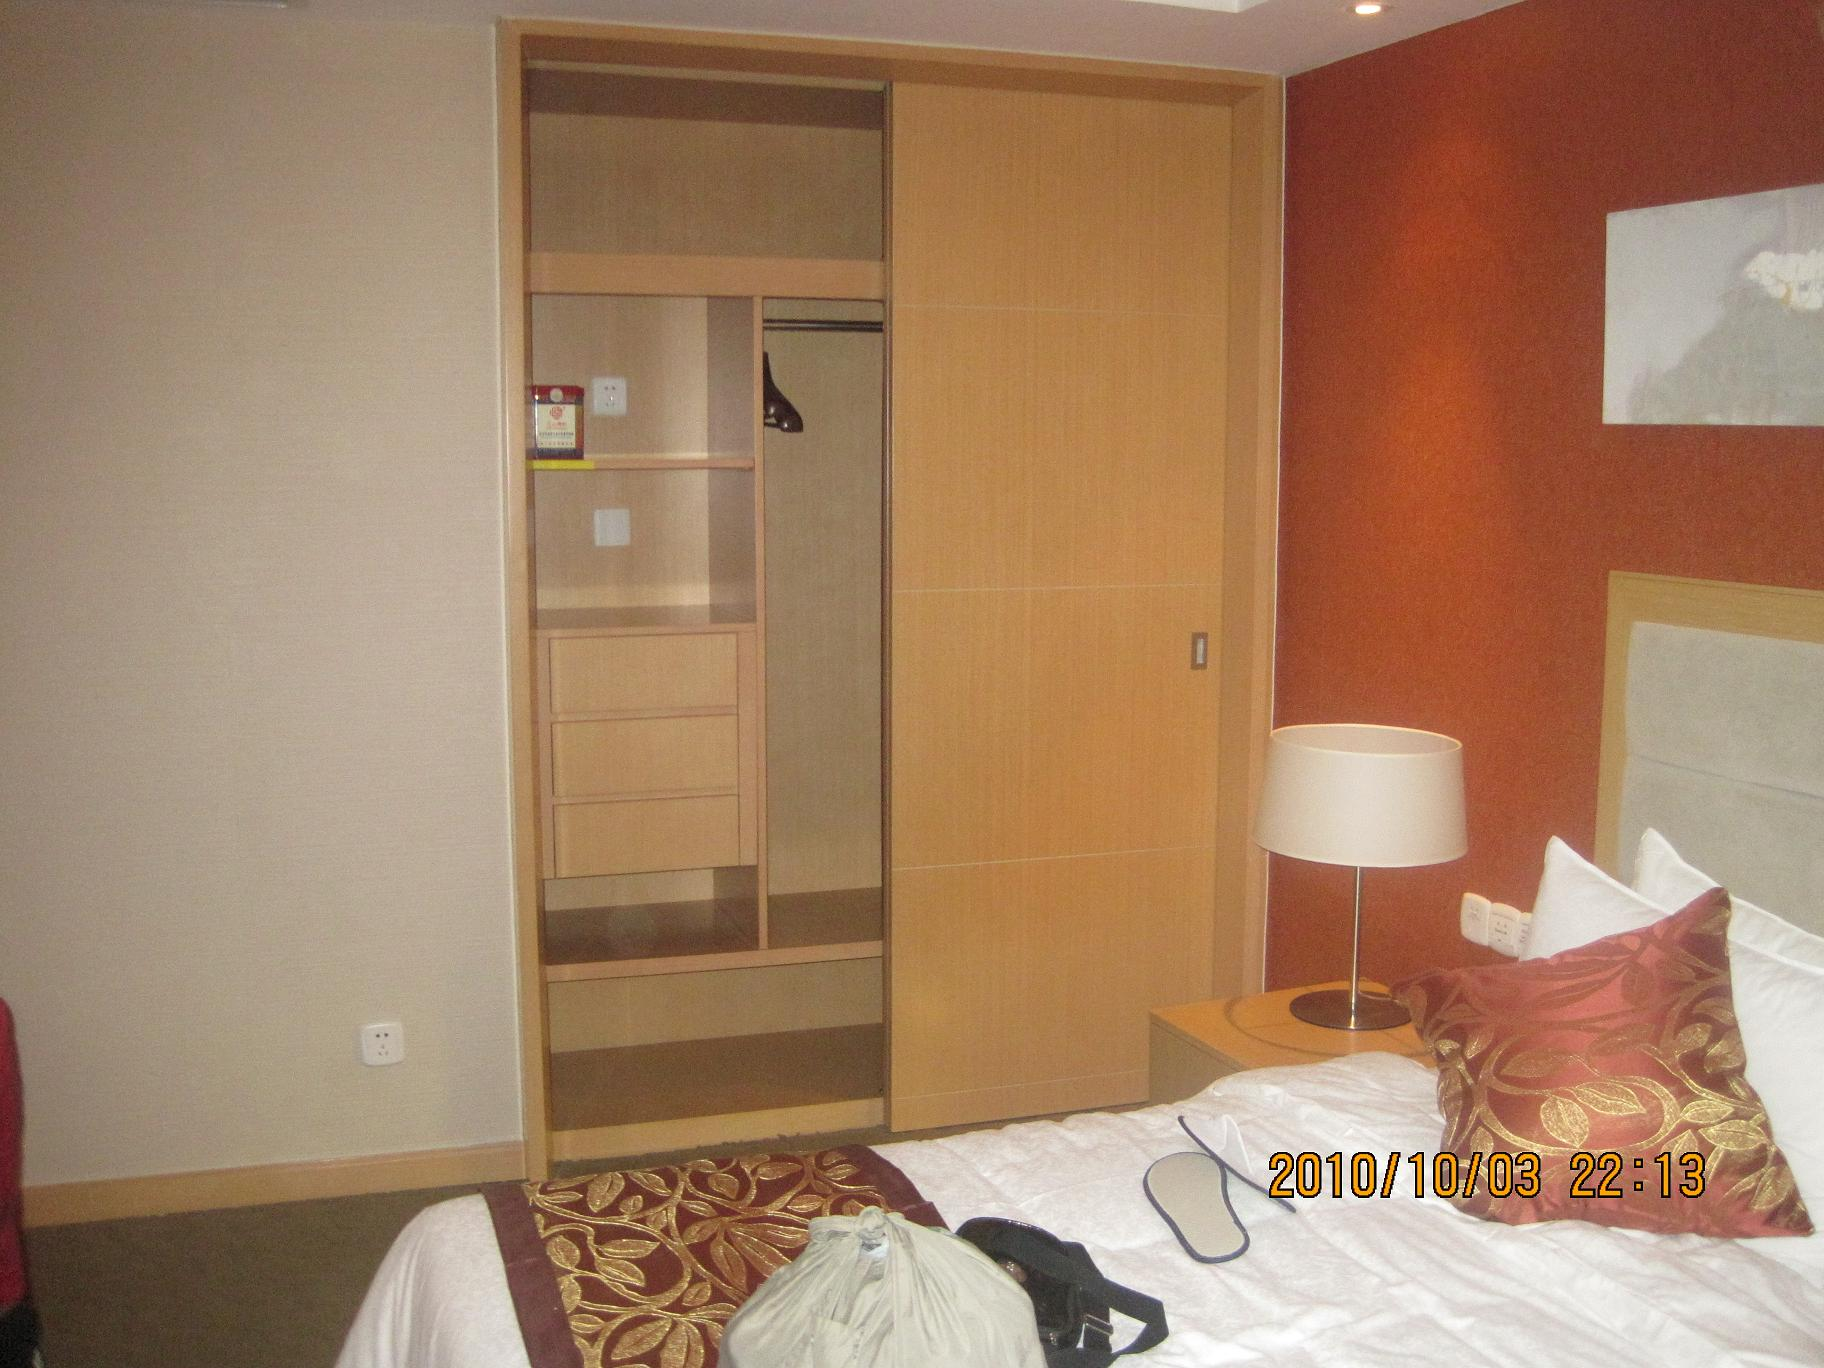 炕壁橱效果图卧室